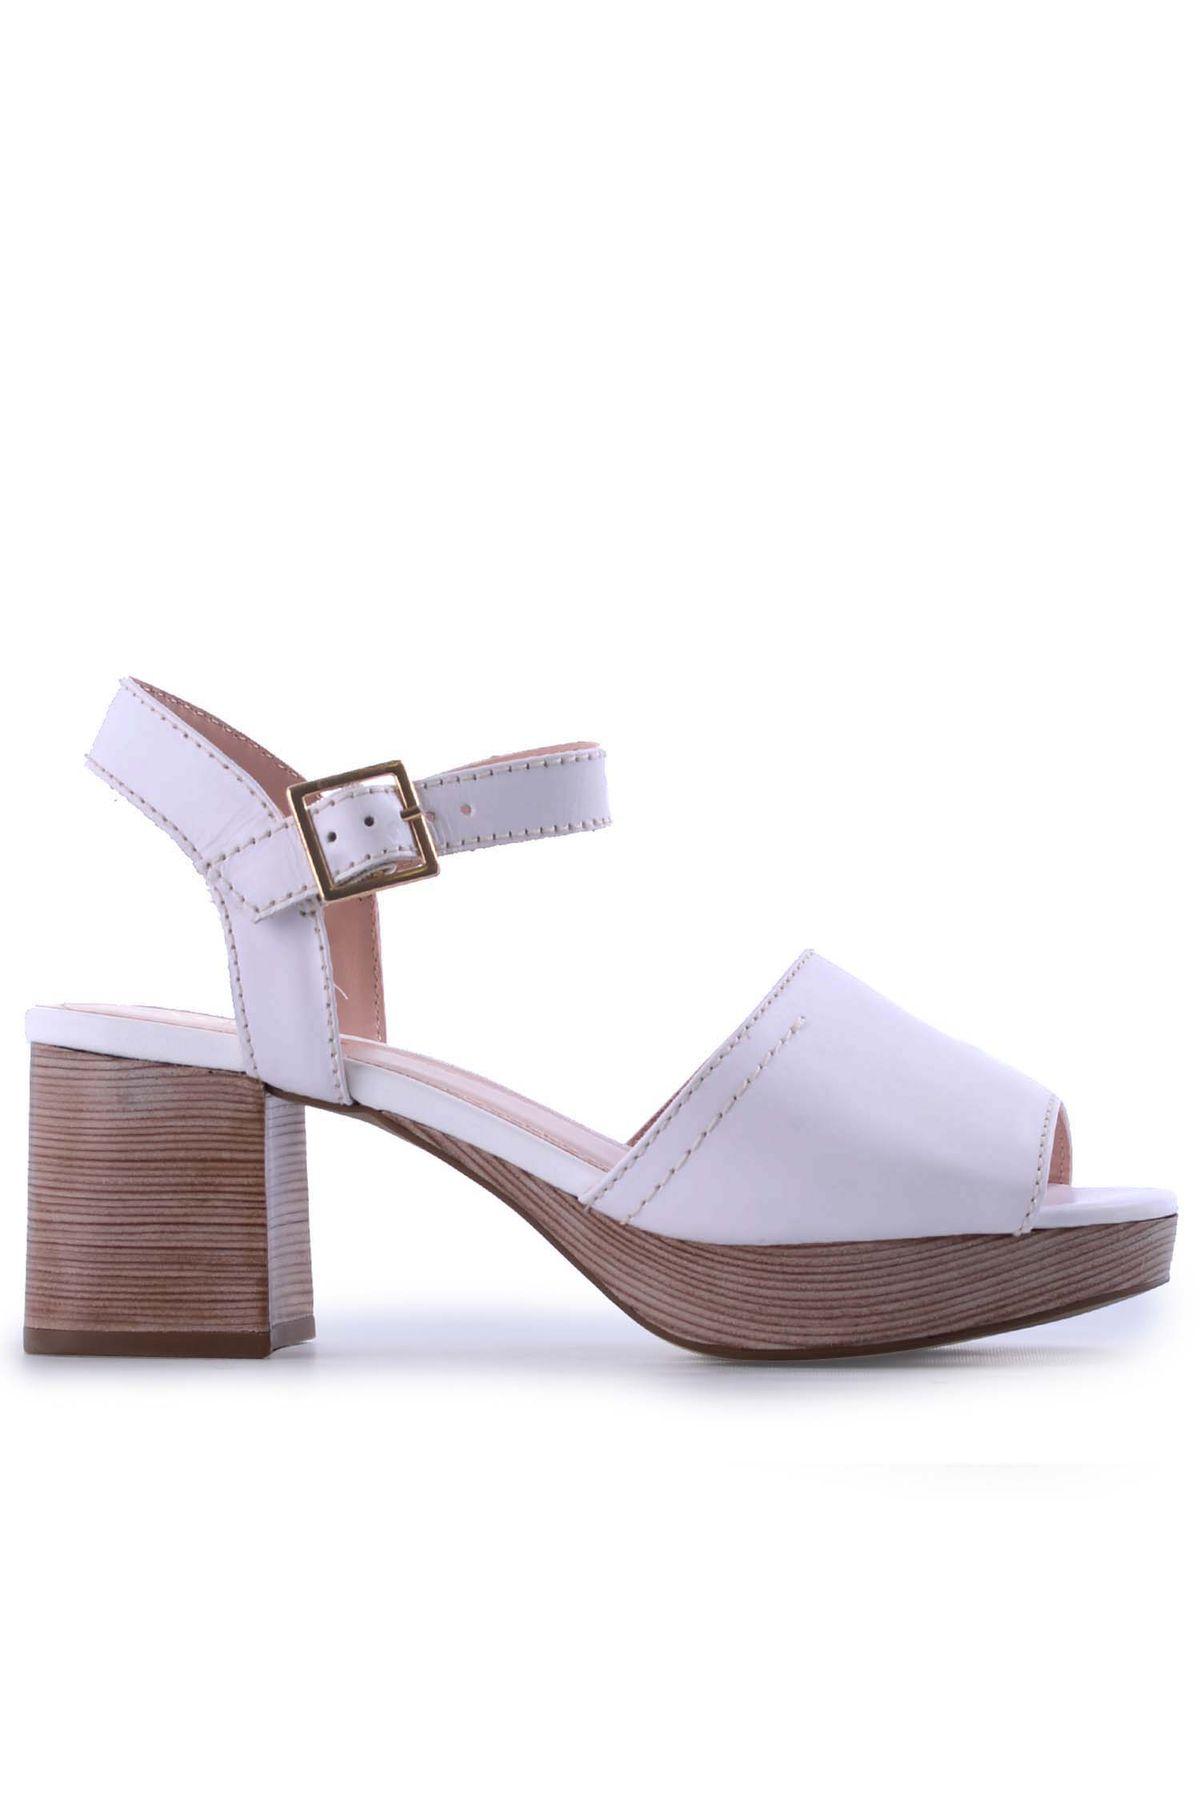 a31d45227 Sandália Salto Alto Vernon Maiza | Mundial Calçados - Mundial Calçados